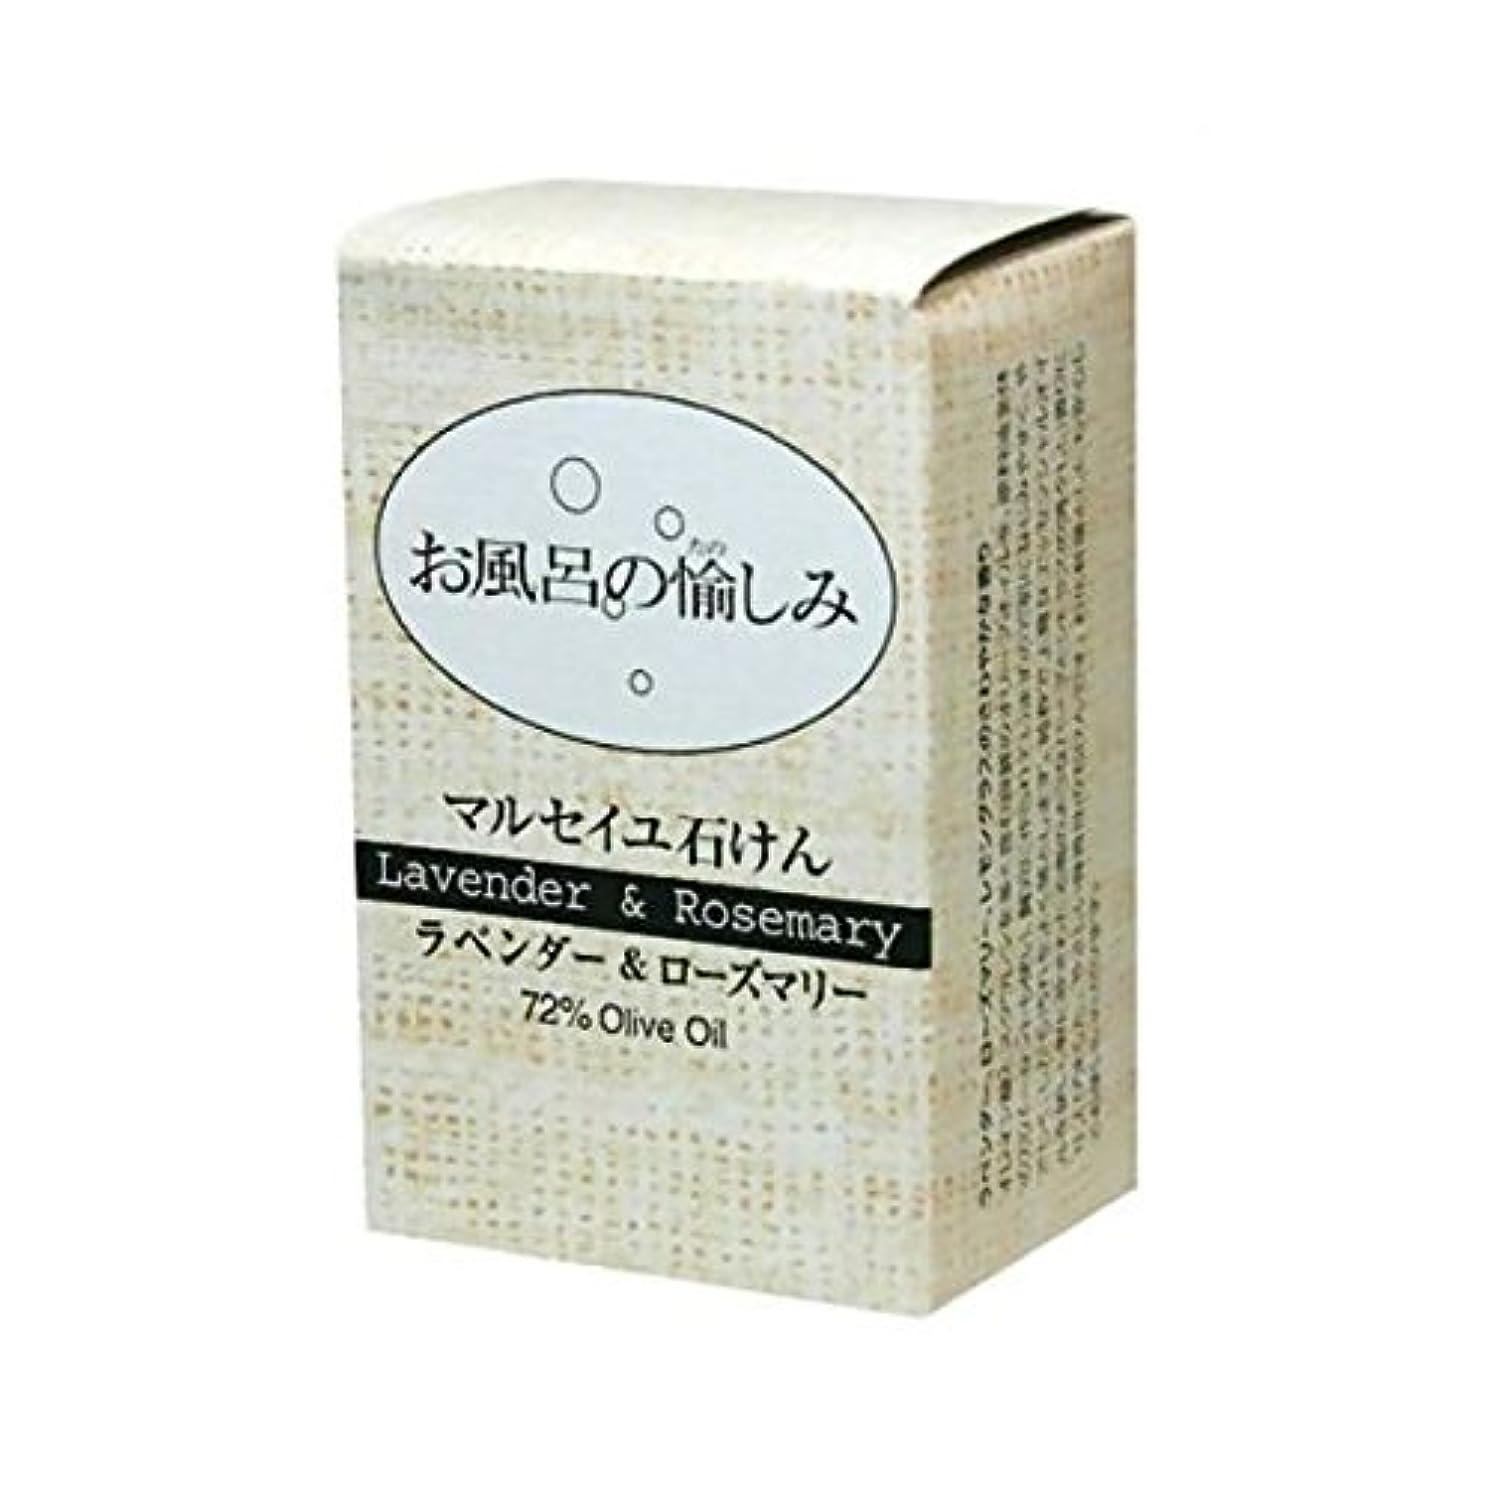 慣性入り口護衛【お徳用 3 セット】 お風呂の愉しみ マルセイユ石鹸 (ラベンダー&ローズマリー)×3セット